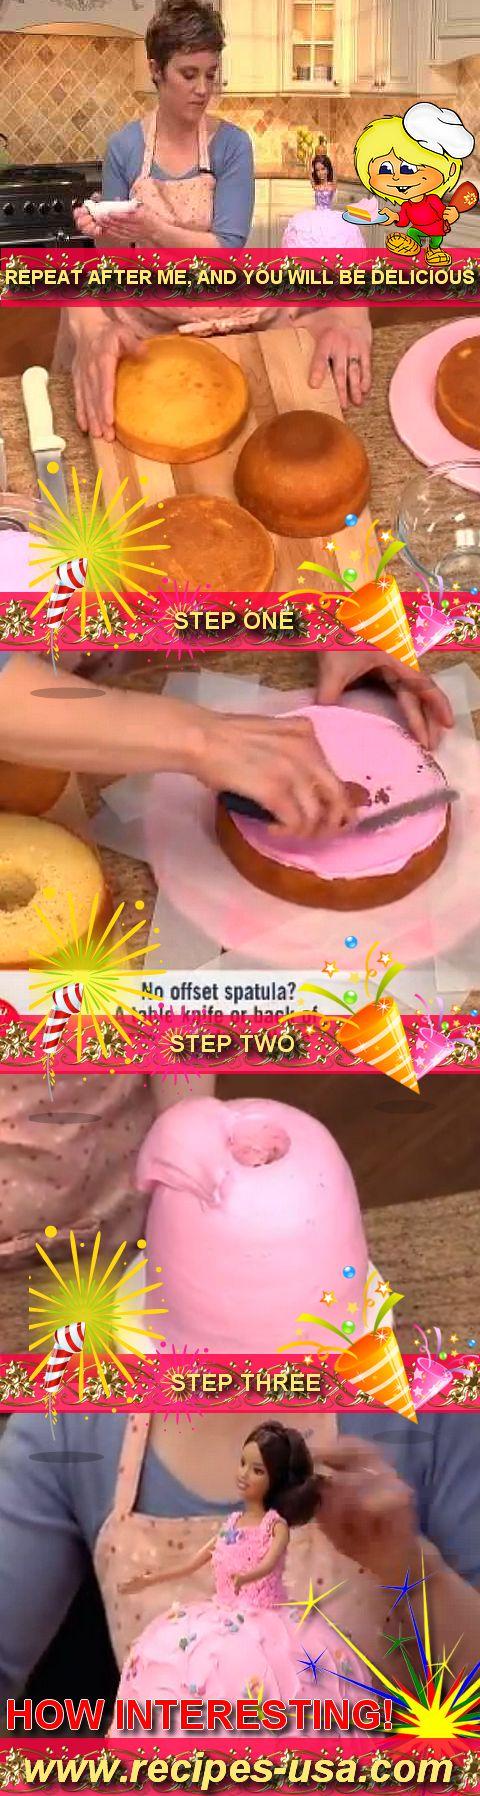 Узнайте, как легко это, чтобы испечь торт принцесса на следующей вечеринке по случаю дня рождения для более большие рецепты кулинарные посетить чистая...